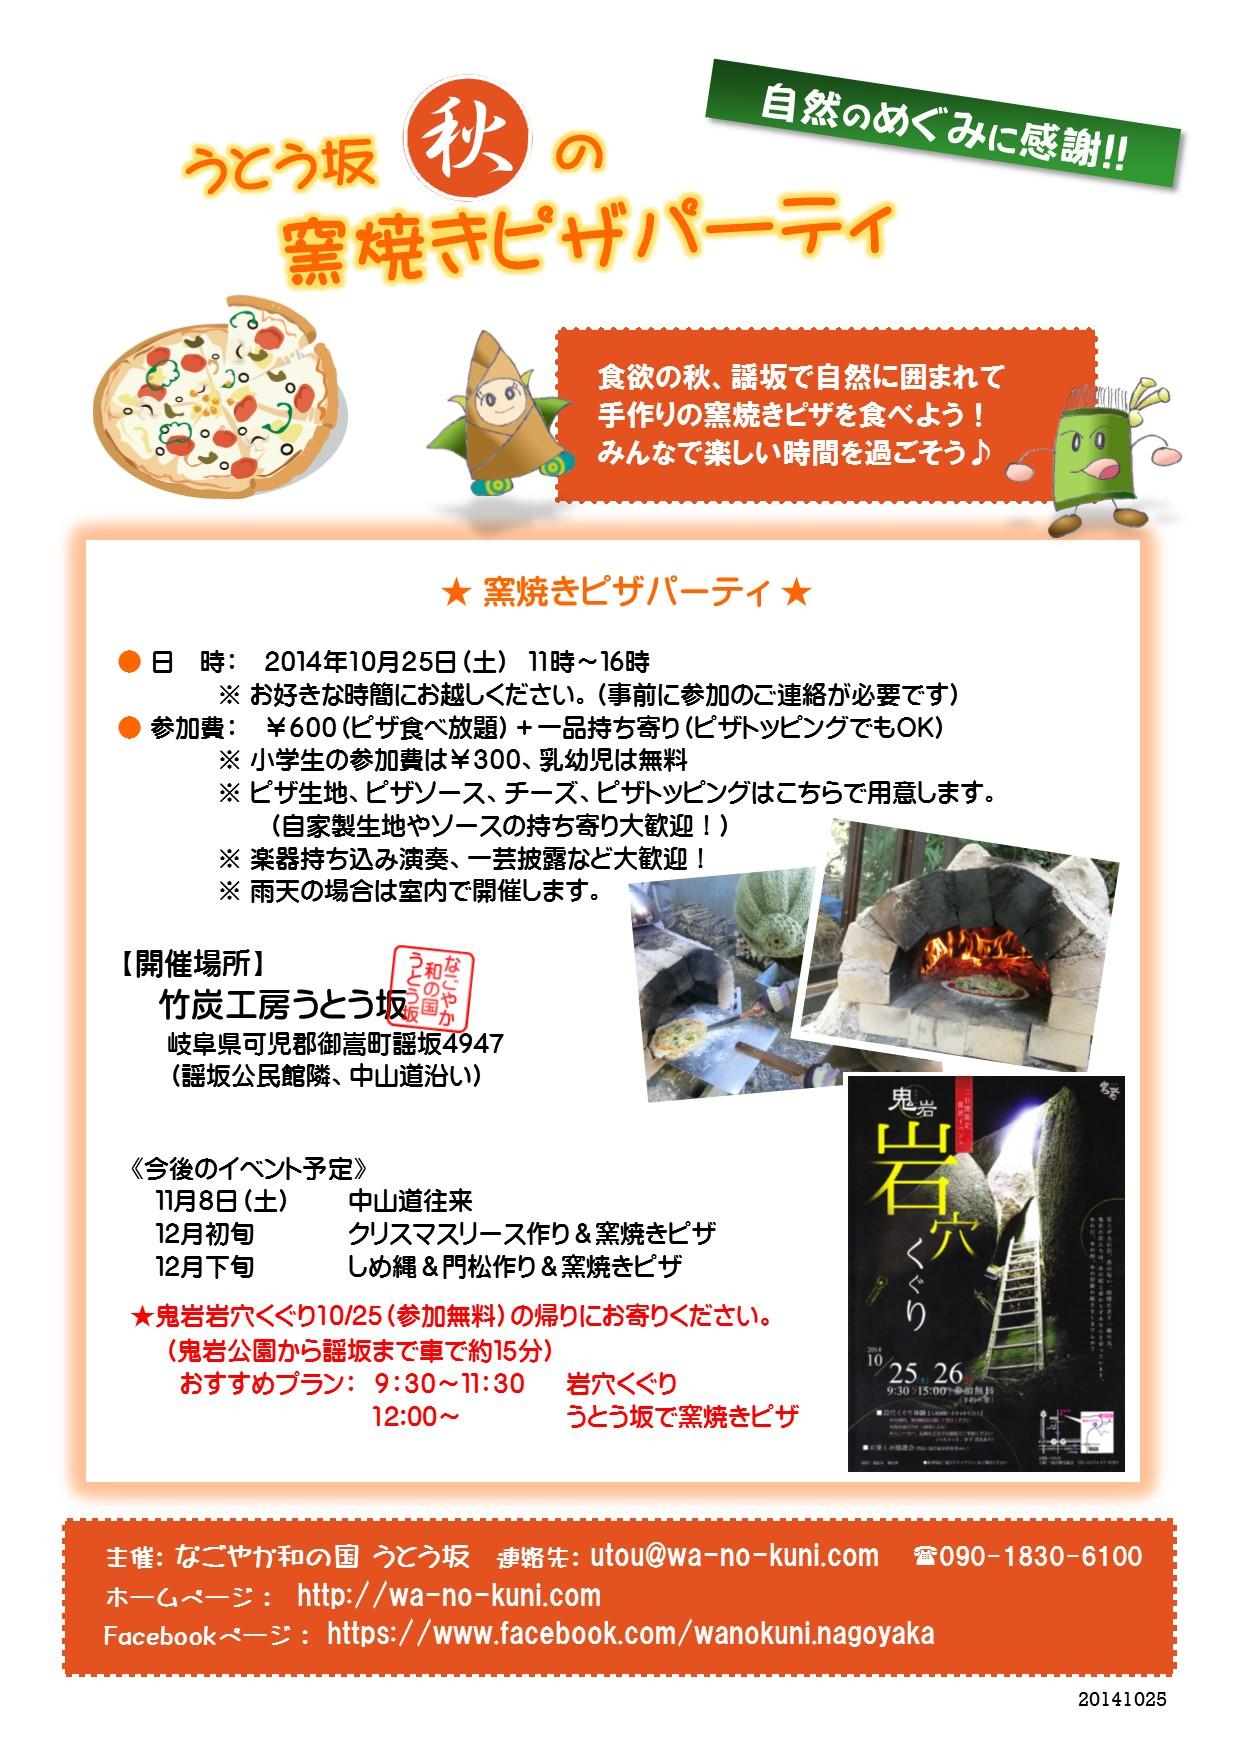 うとう坂秋の窯焼きピザパーティ